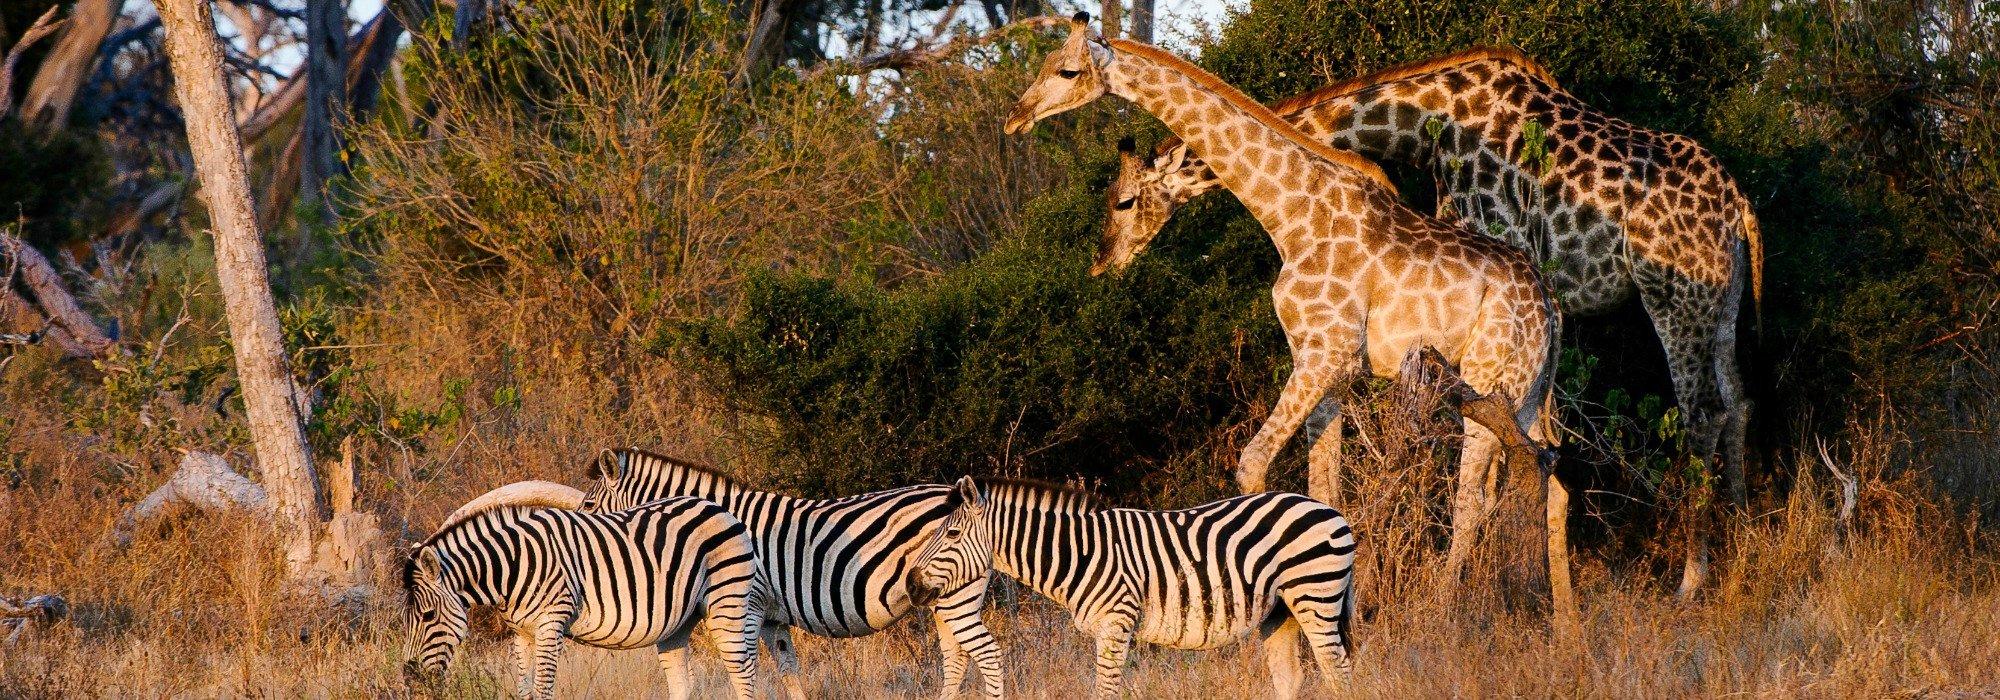 Mombo Wildlife